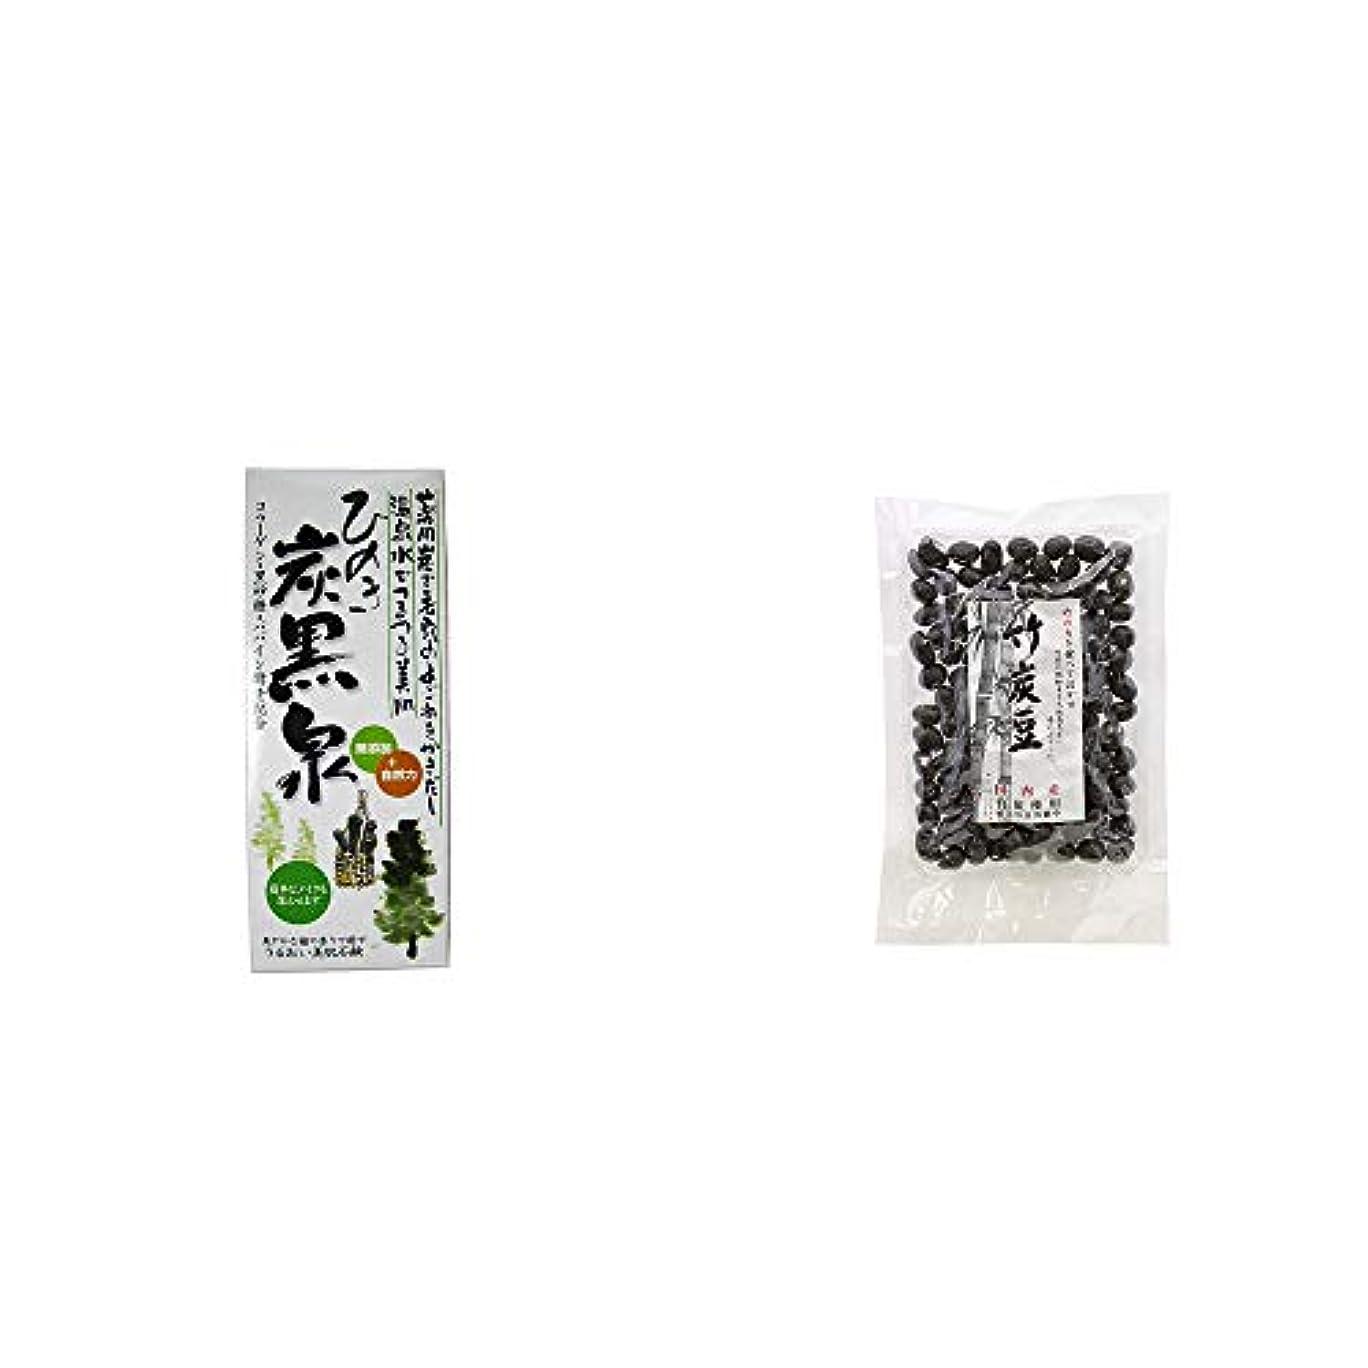 断言する可決夜明け[2点セット] ひのき炭黒泉 箱入り(75g×3)?国内産 竹炭使用 竹炭豆(160g)